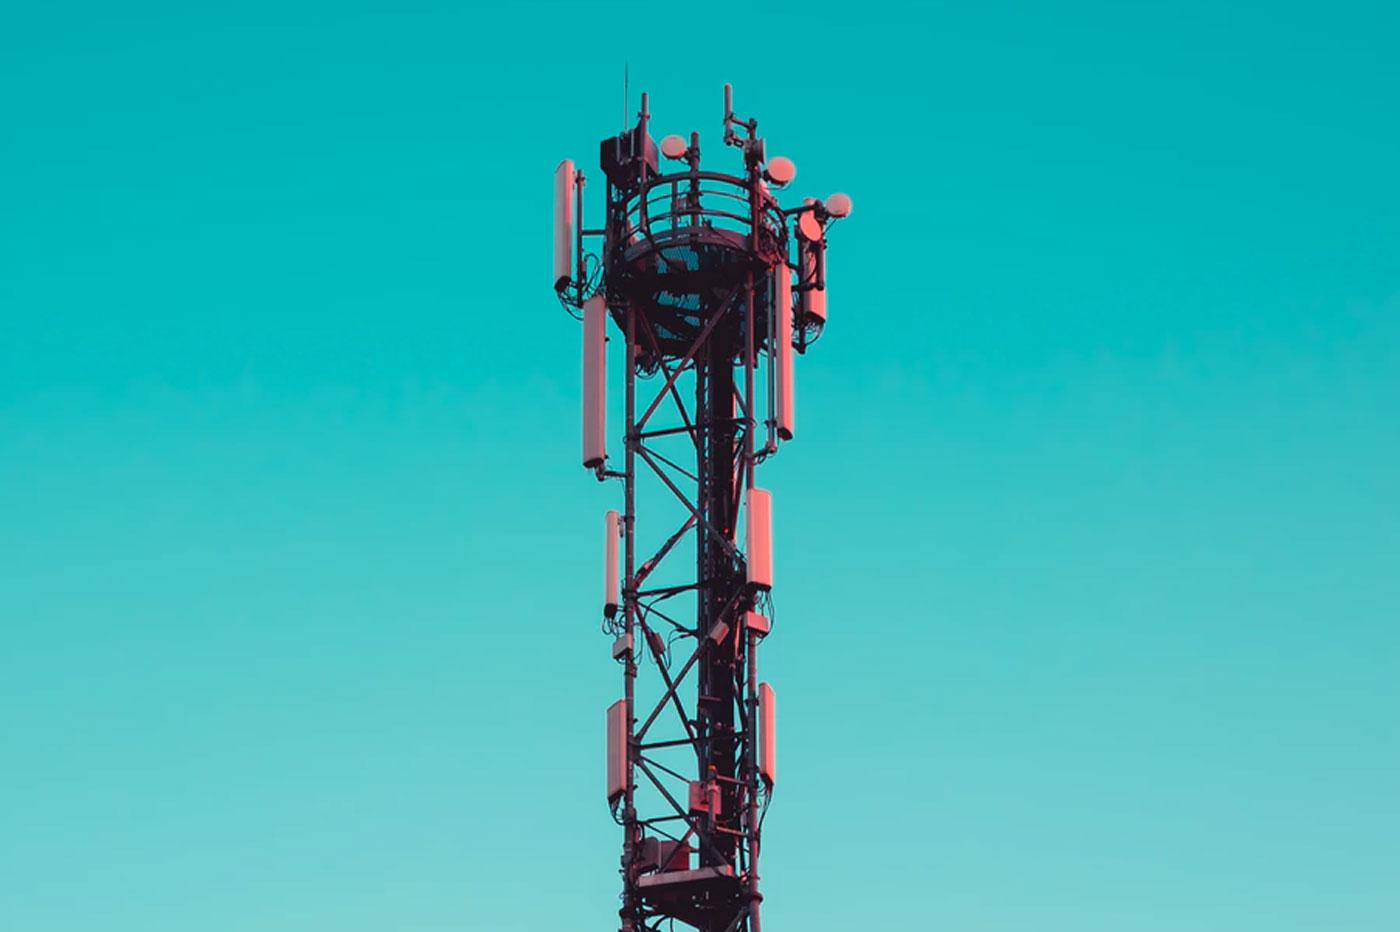 Comment l'arrivée de la 5G pourrait nous rendre encore plus accros aux smartphones